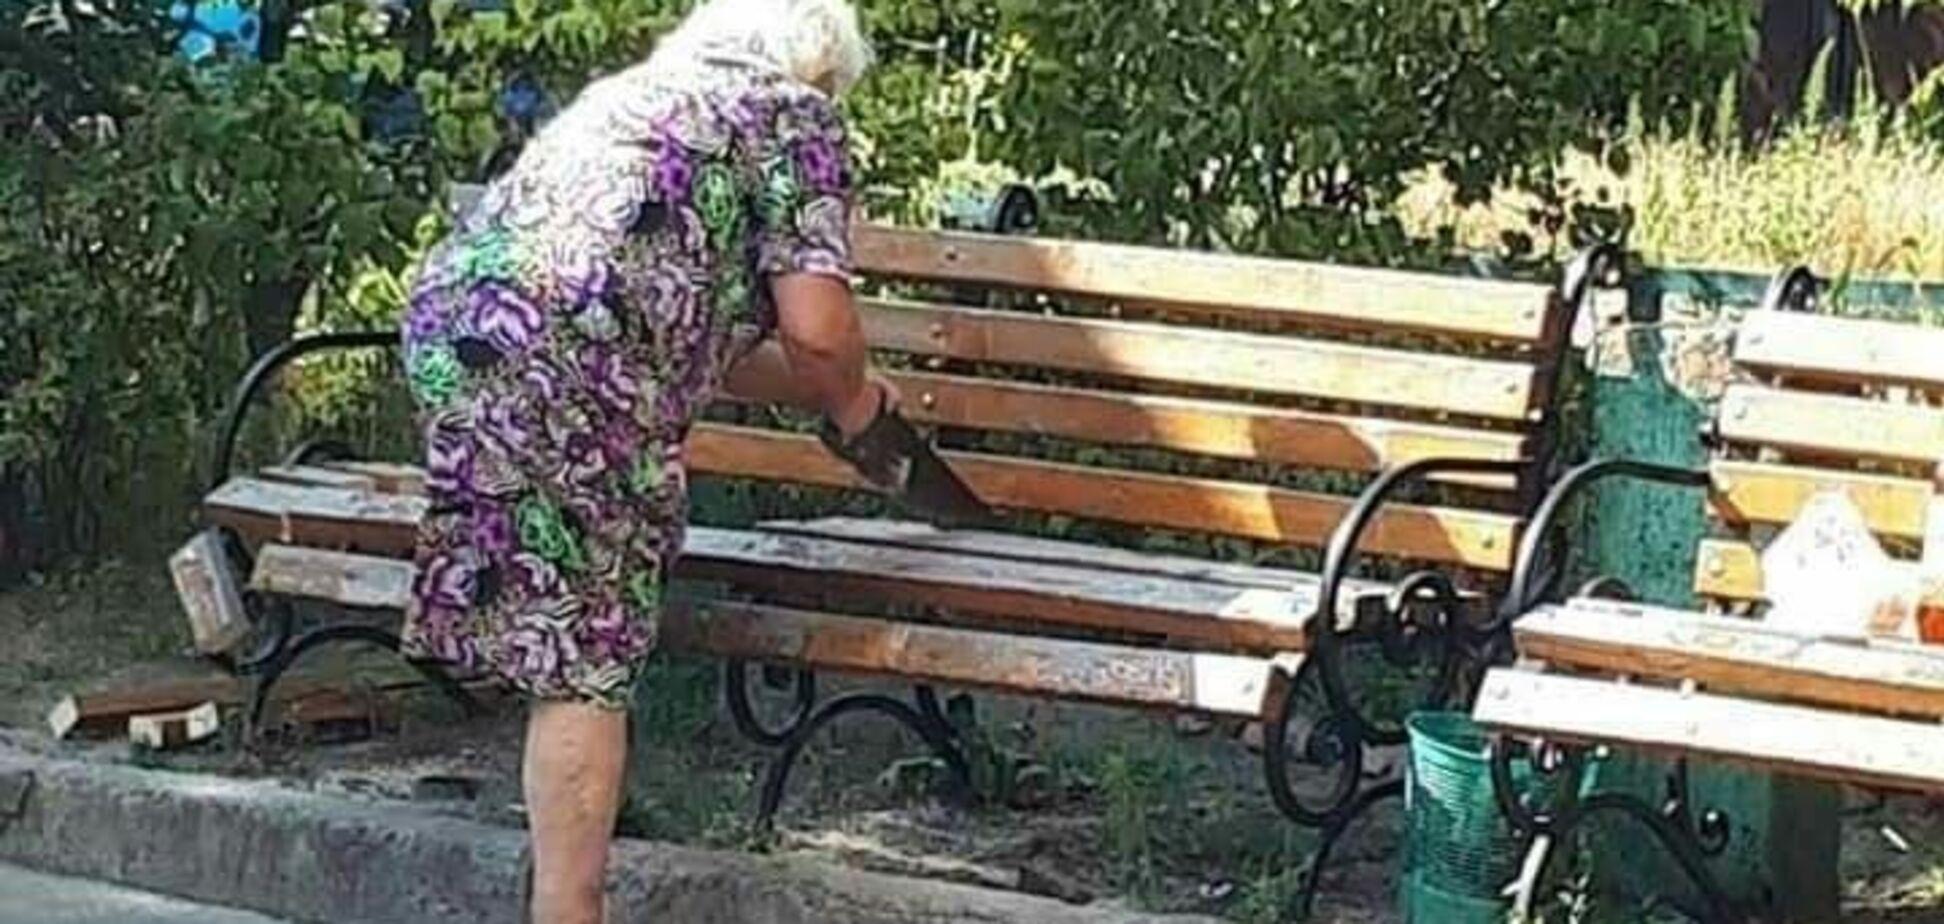 Лавочку, яку розпиляла пенсіонерка в Києві, можуть повернути: названо умову